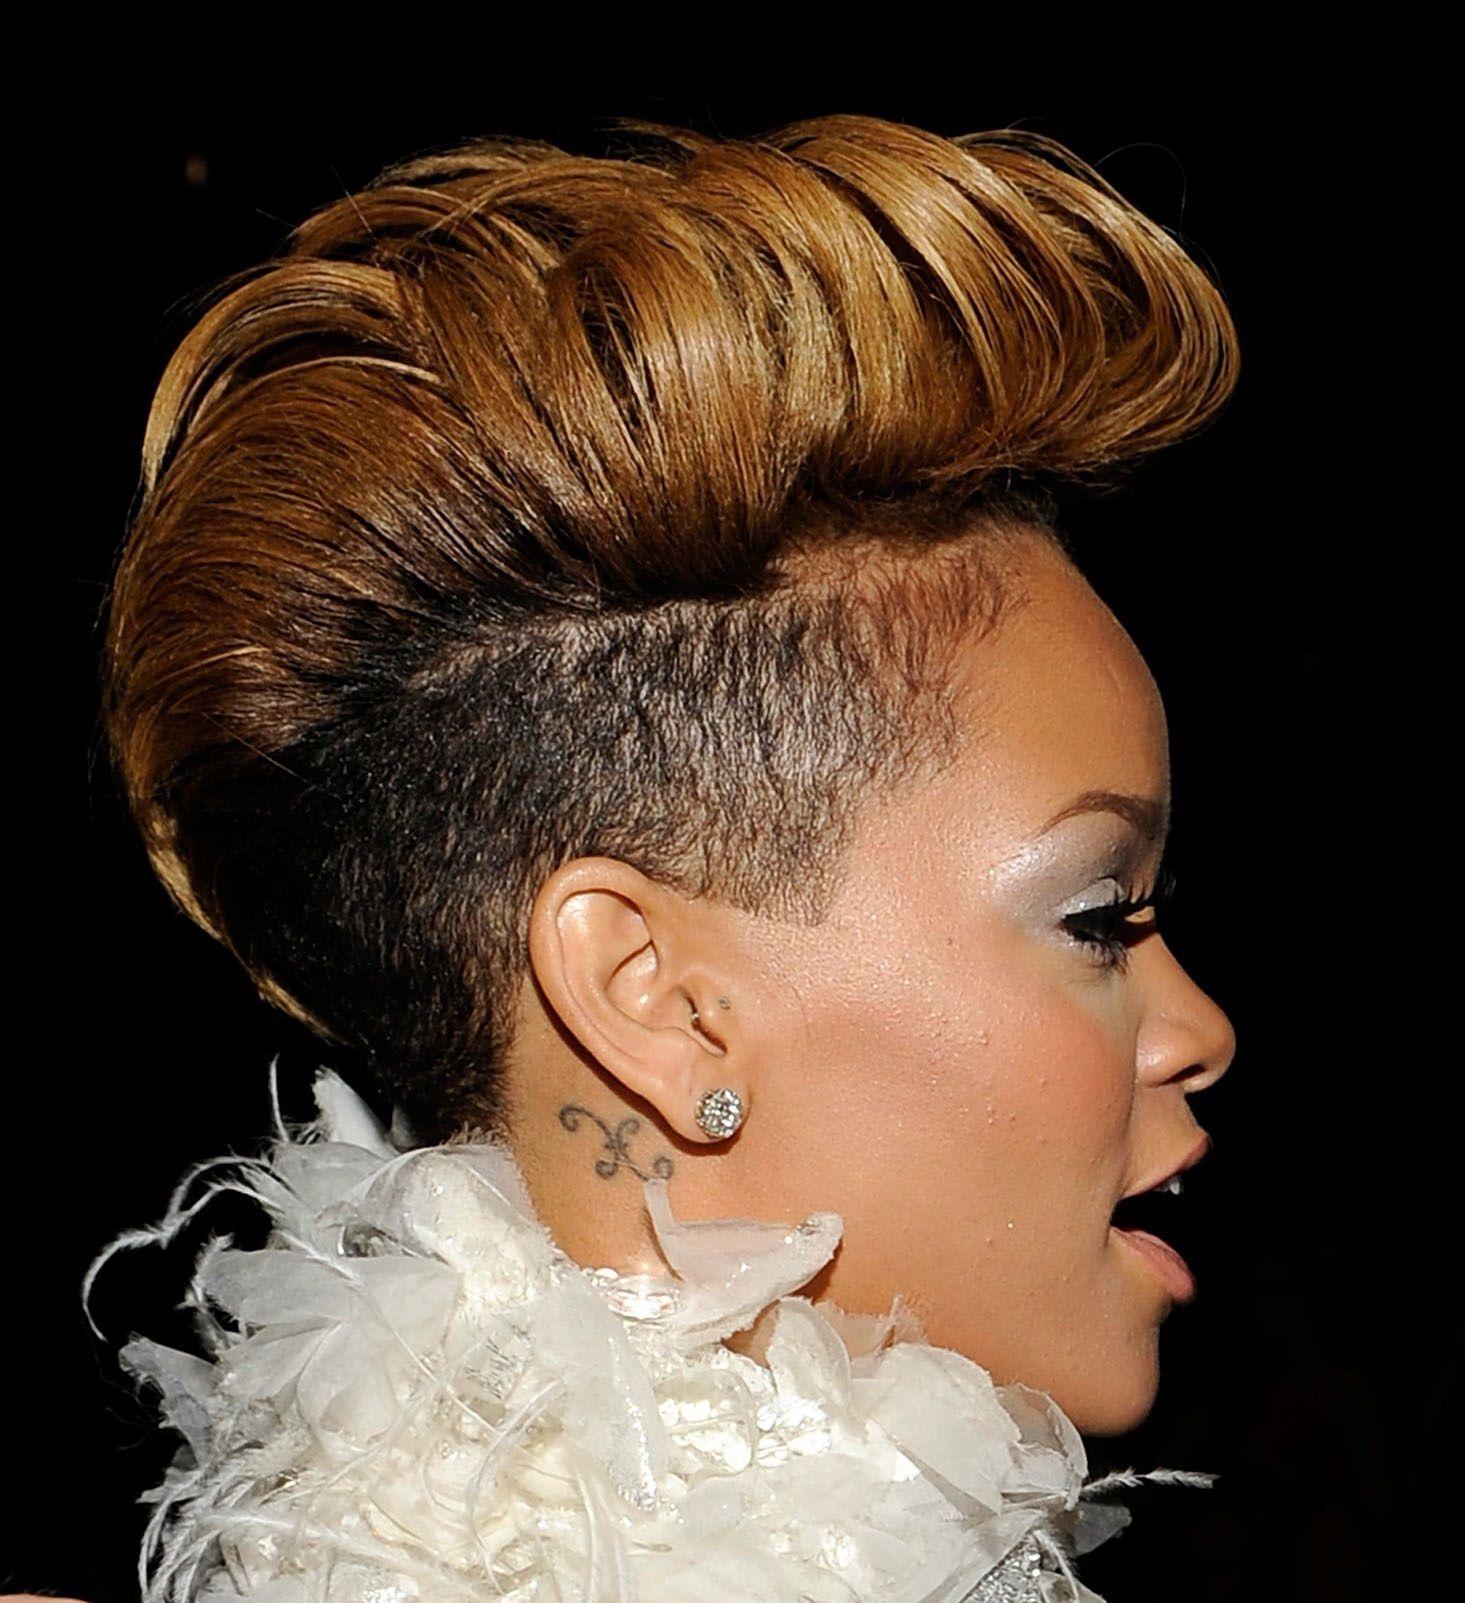 Mohawk Rihanna Hair Cut